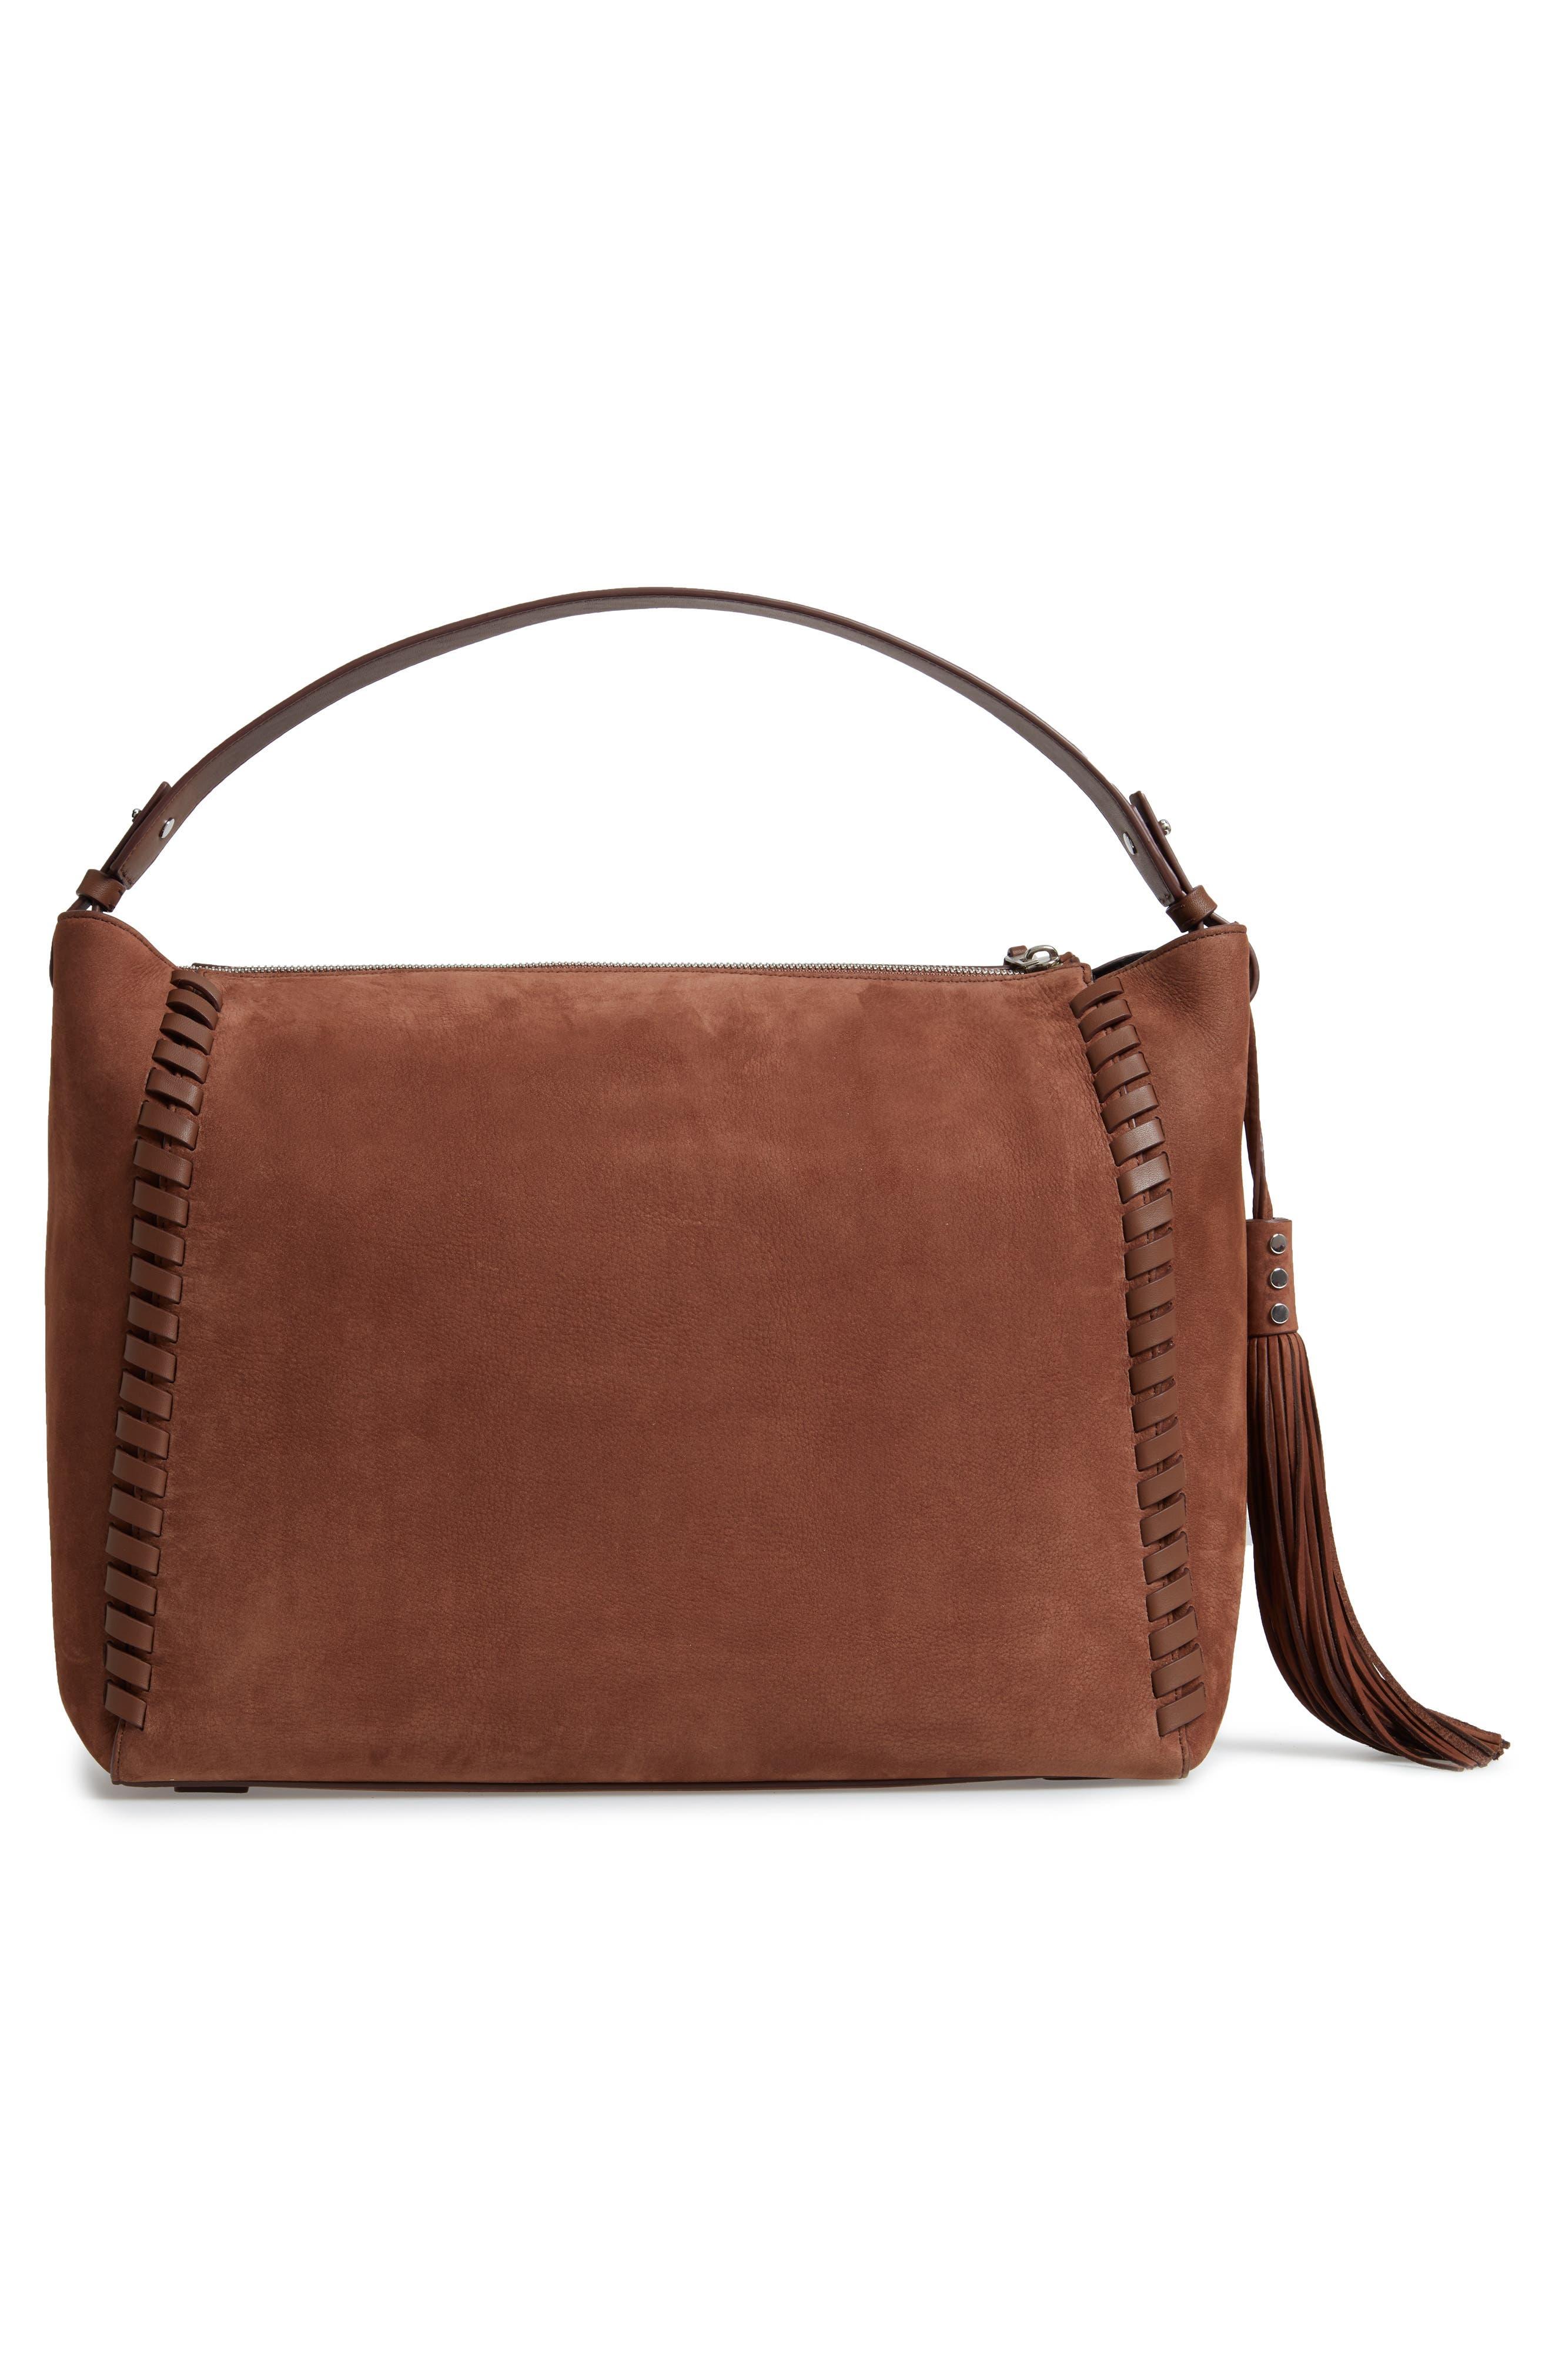 Kepi East/West Leather Shoulder Bag,                             Alternate thumbnail 3, color,                             210